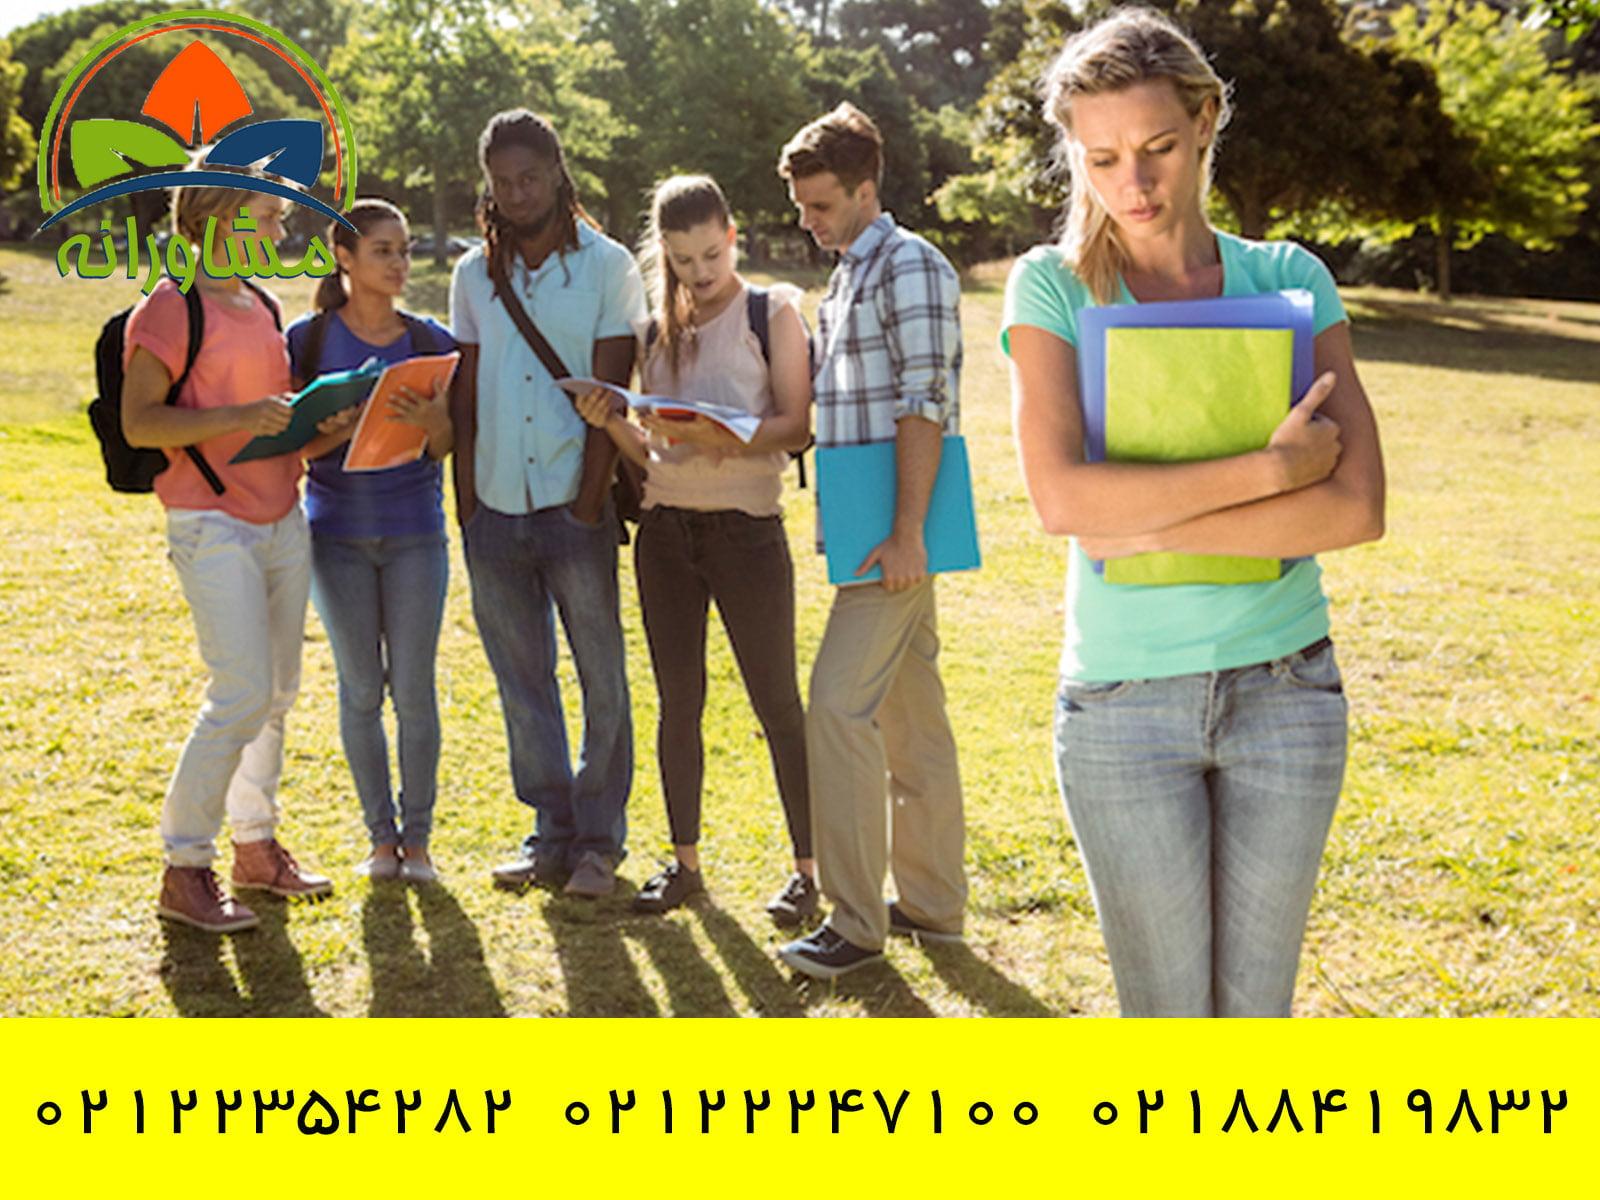 مشاورانه برای فشار گروه دوستان و همسالان در دوره نوجوانی 13-19 سالگی